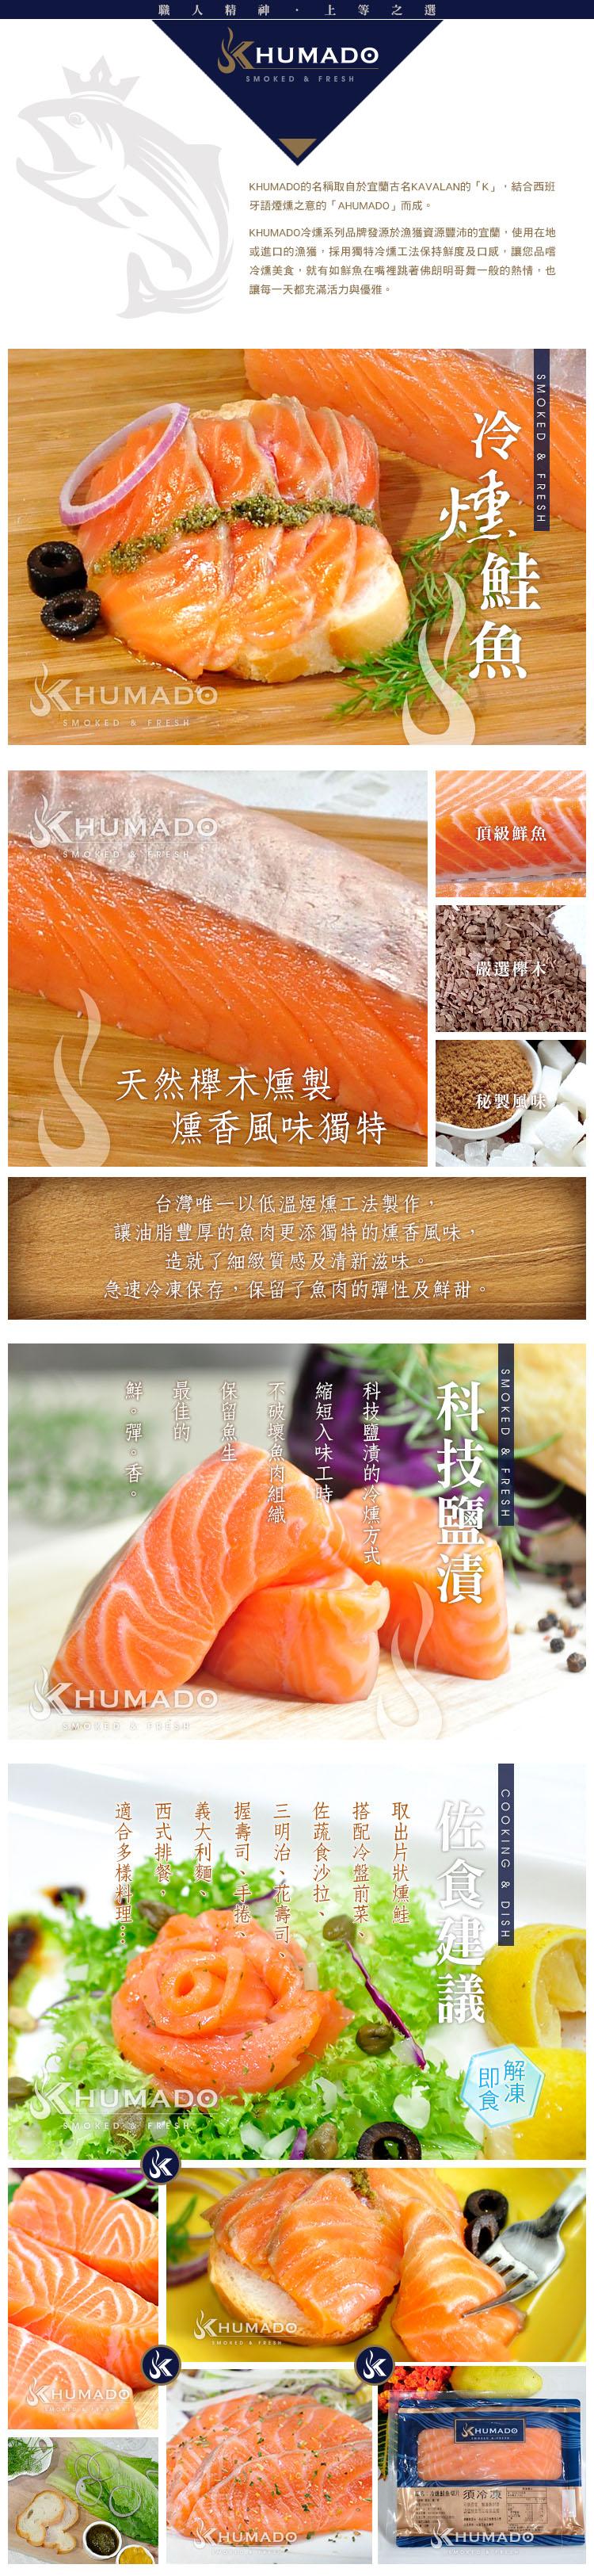 104 09 12冷燻鮭魚